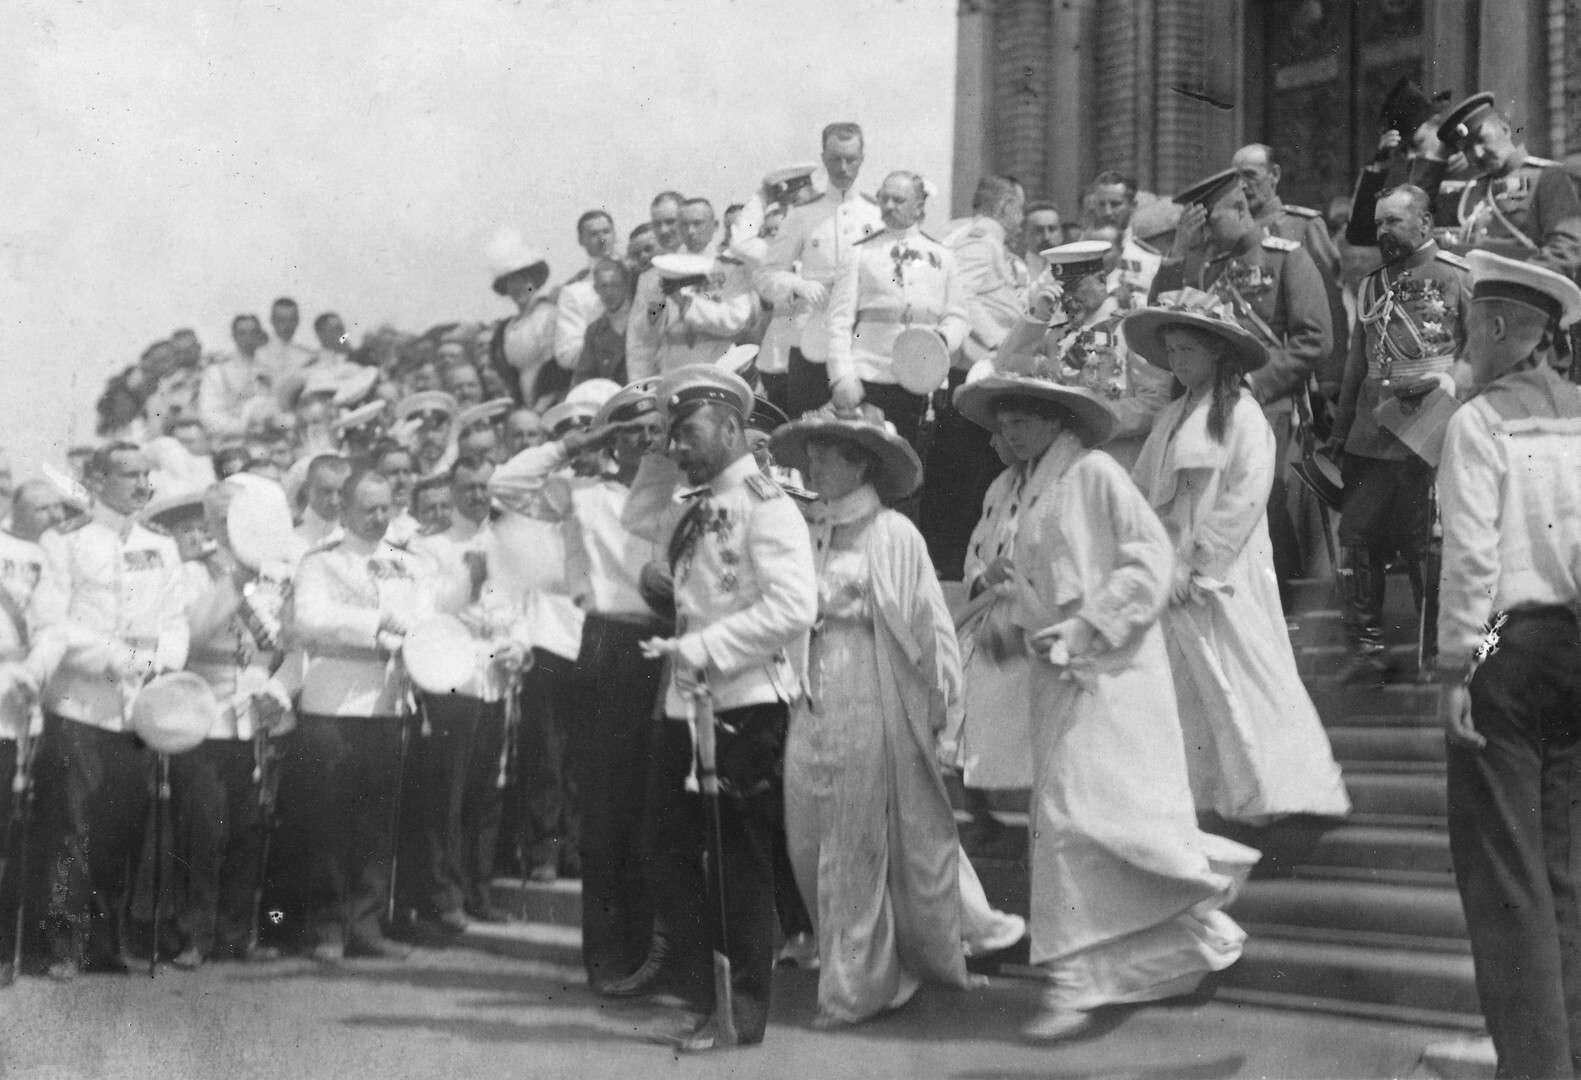 Император Николай II с дочерьми и сопровождающие его лица во время освящения Морского собора